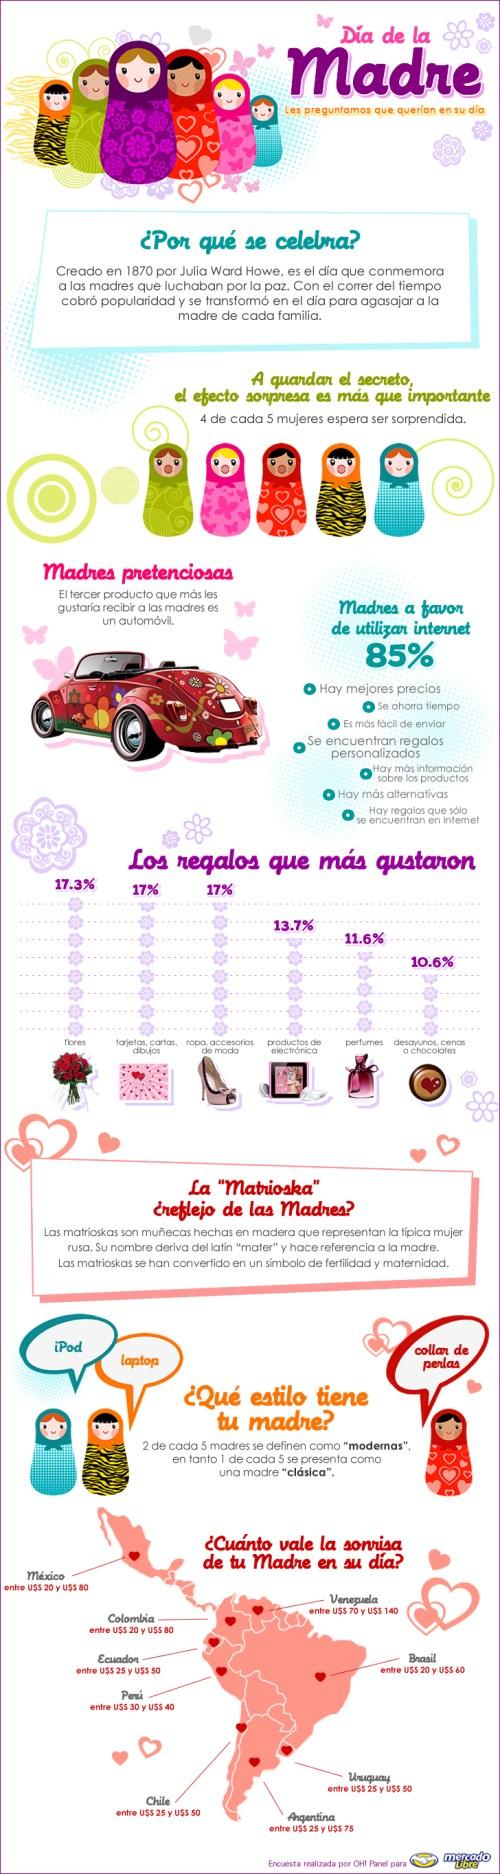 Datos curiosos del Día de la Madre